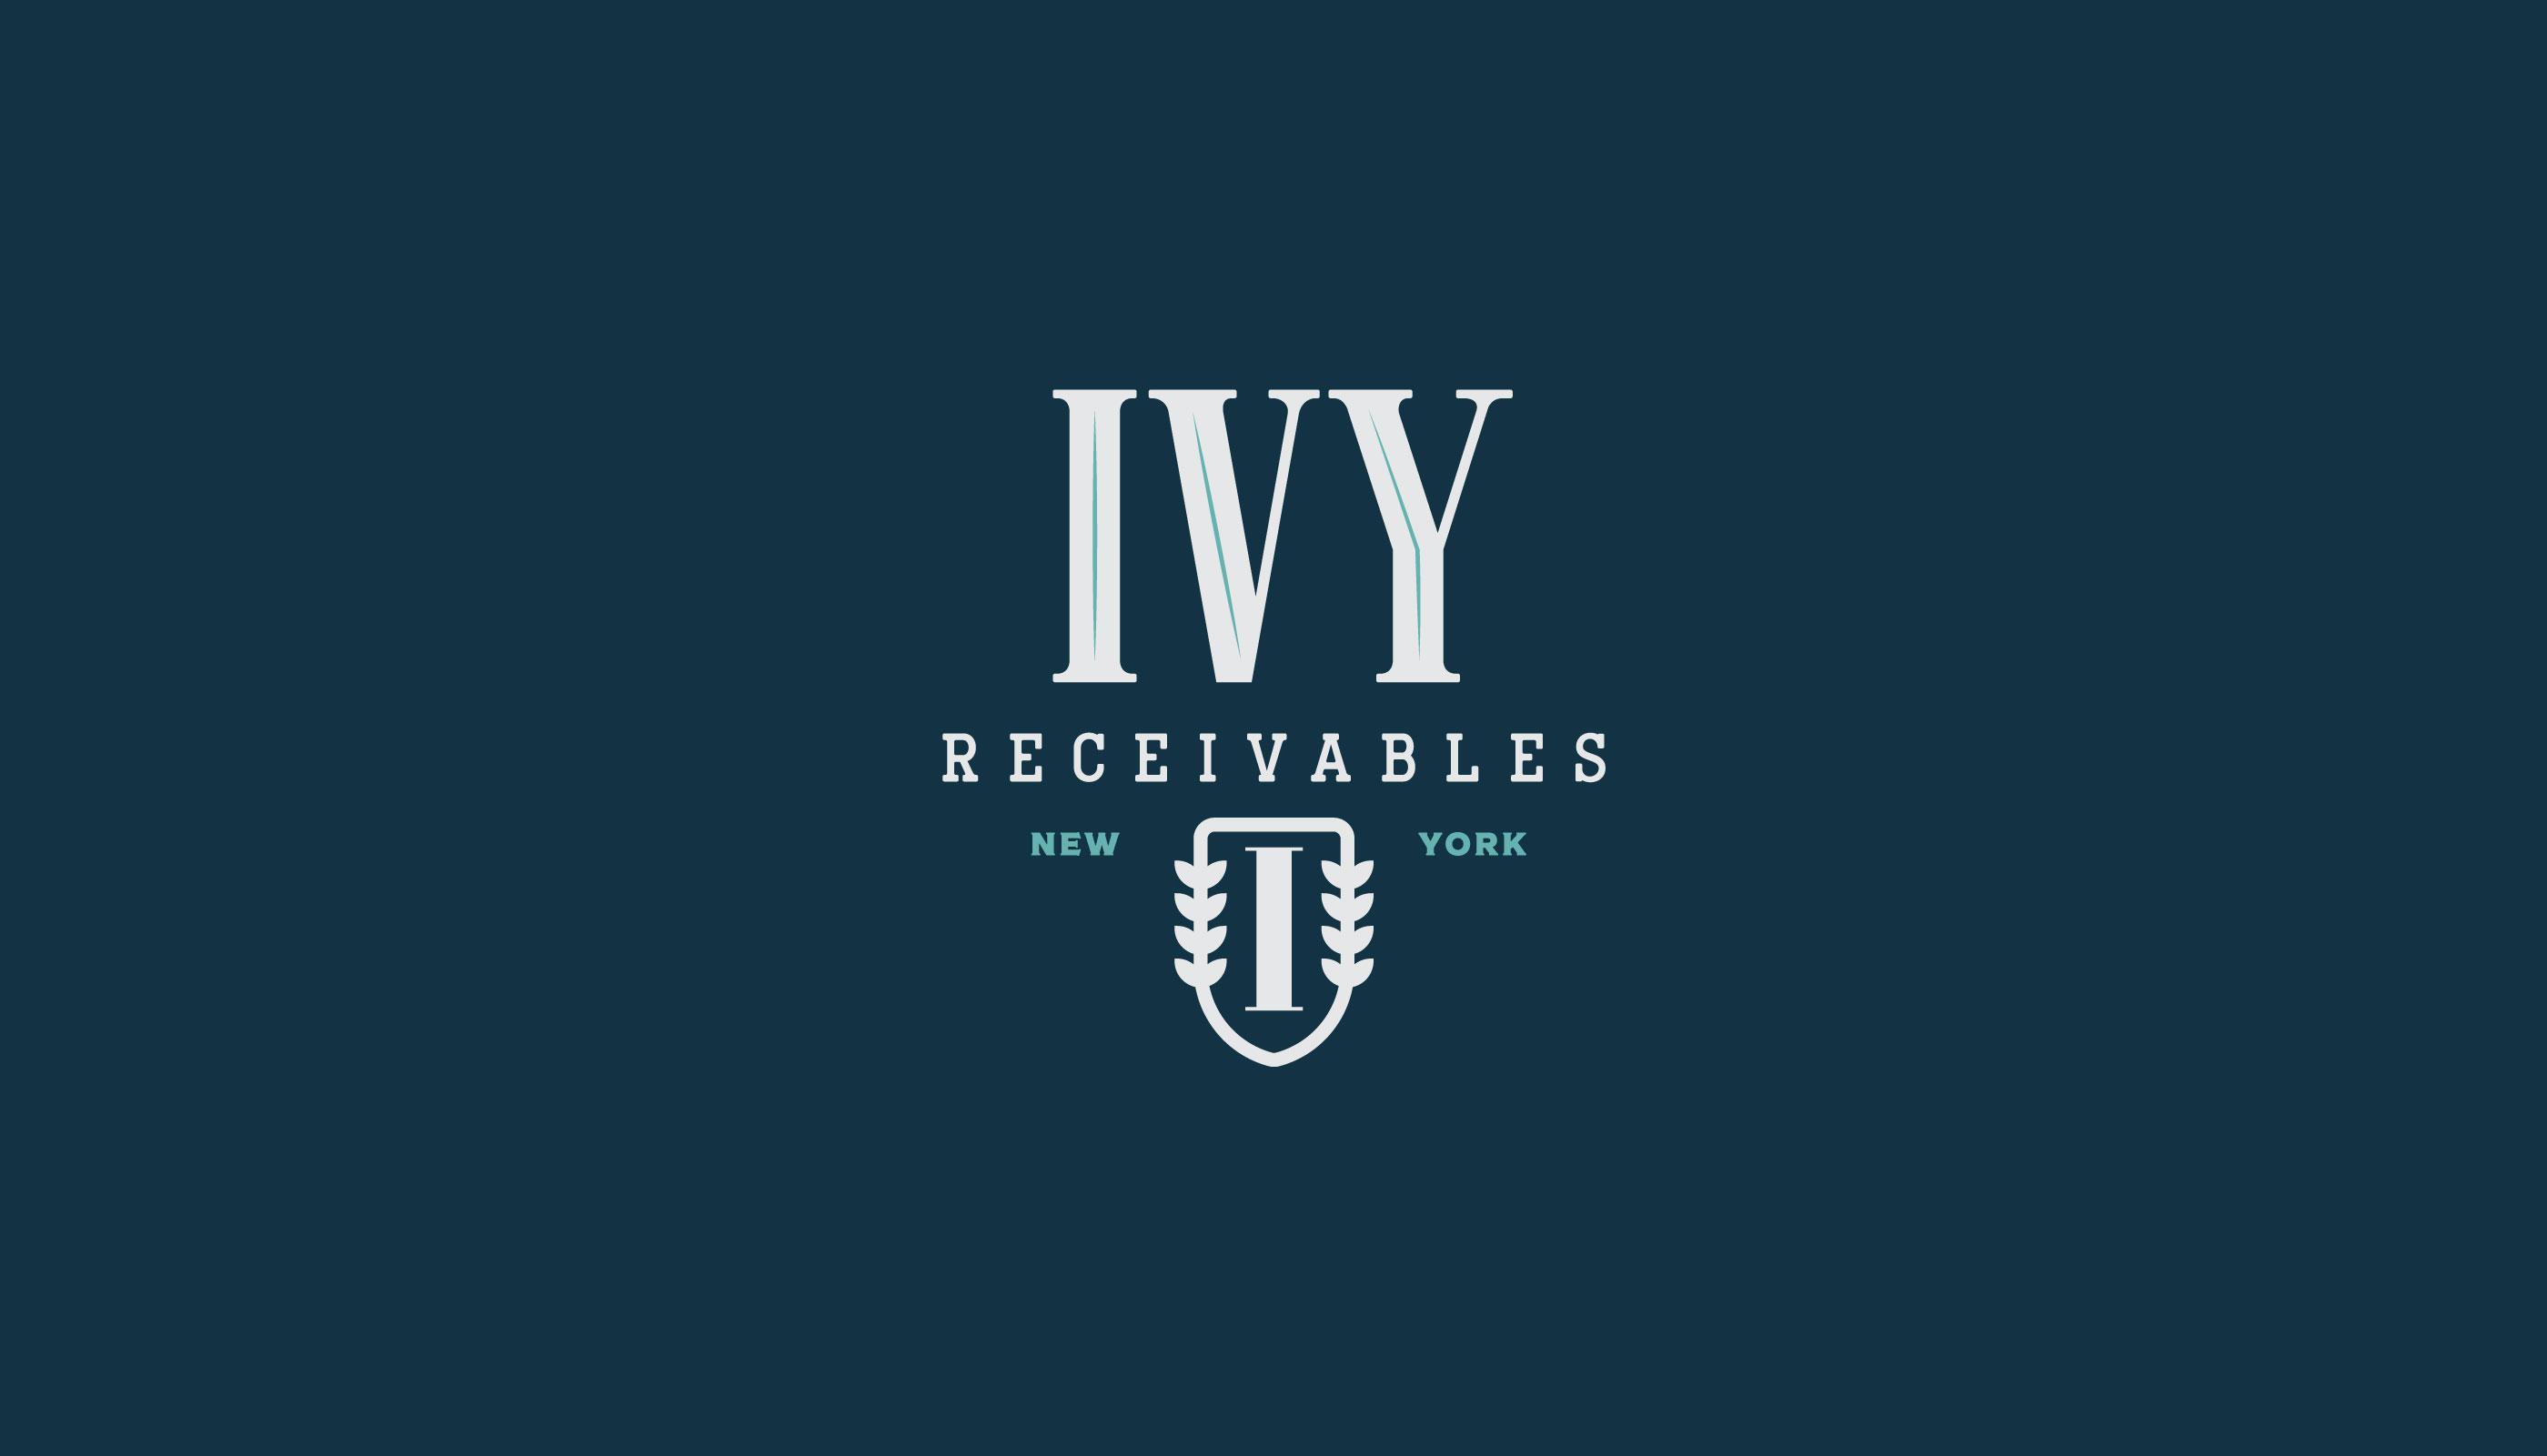 IVY-03